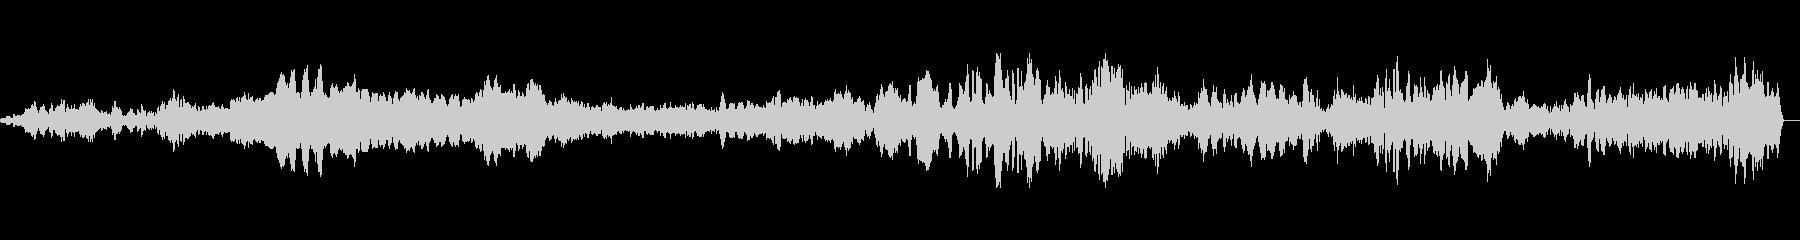 モンスターうめき声高の未再生の波形